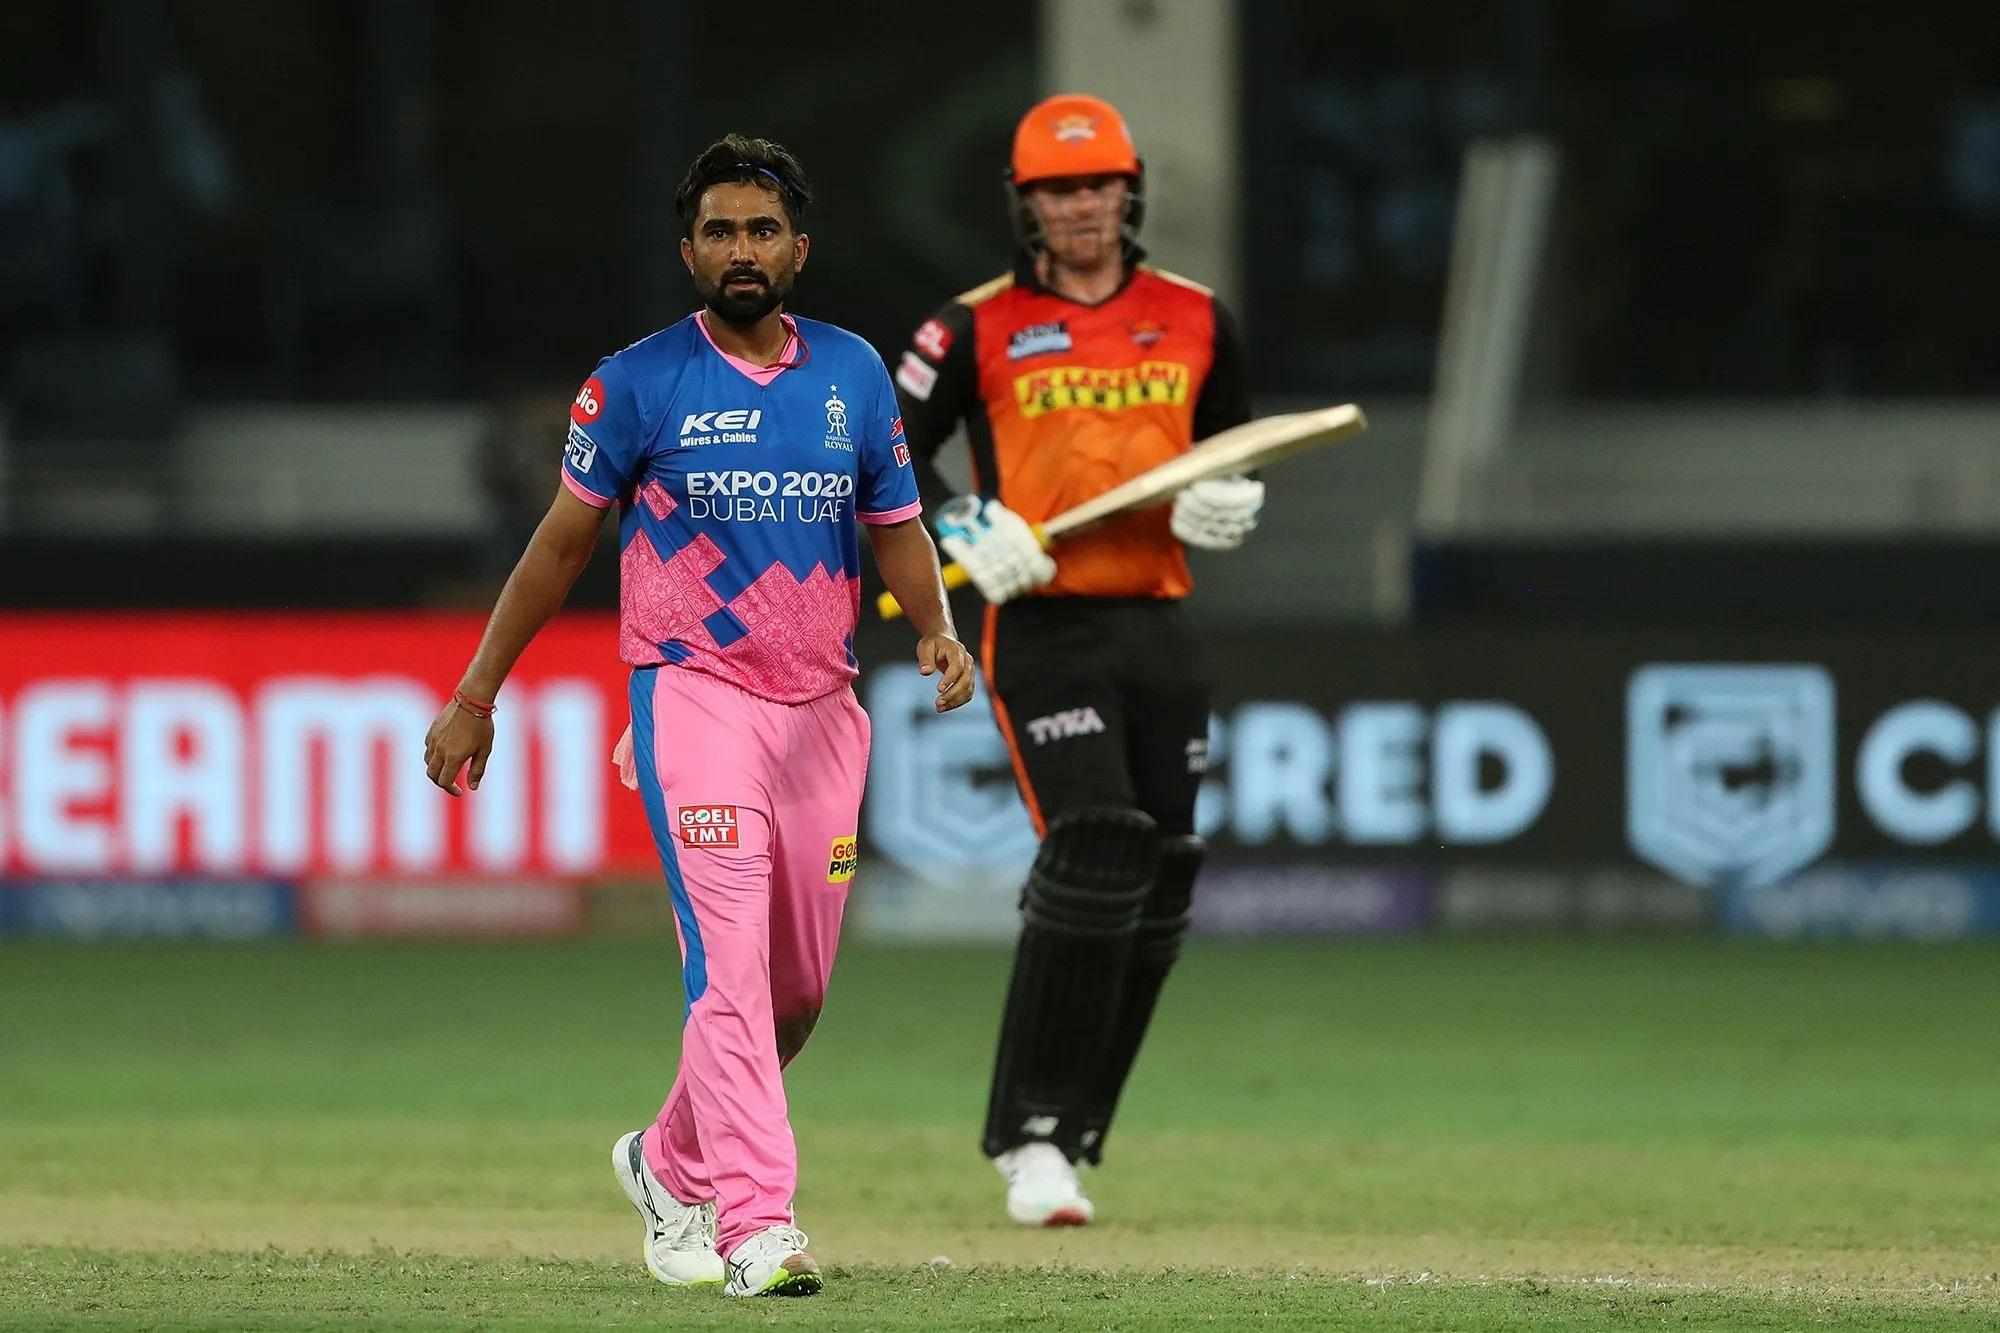 इस तस्वीर में बाईं ओर दिख रहे गेंदबाज राजस्थान रॉयल्स के राहुल तेवतिया हैं। वे विकेट लेने के बाद अक्सर आक्रामक तरीके से सेलिब्रेट करते हैं। फील्ड में लगातार अपने साथी खिलड़ियों को चियर-अप करते हैं, लेकिन आजकल इनके अपने सितारे गर्दिश में चल रहे हैं। इनके ओवर में जेसन रॉय ने 3 चौके और 1 छक्का मारा। ओवर में इन्होंने कुल 21 रन दिए।